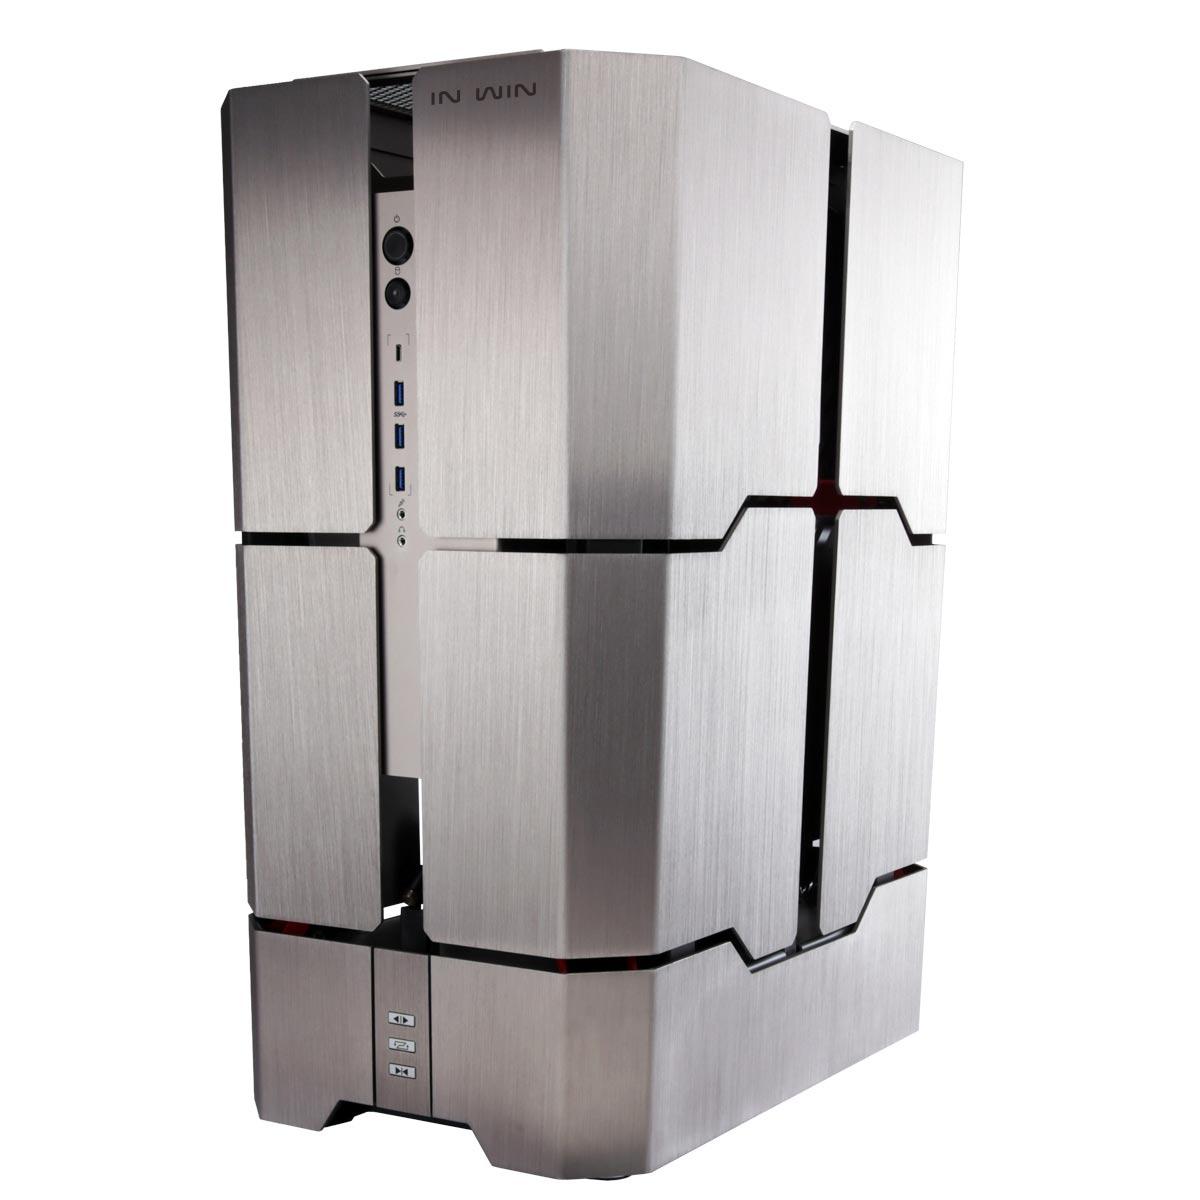 Boîtier PC IN WIN H-Tower - Titanium Boîtier Grand Tour lumineux à ouverture automatisée